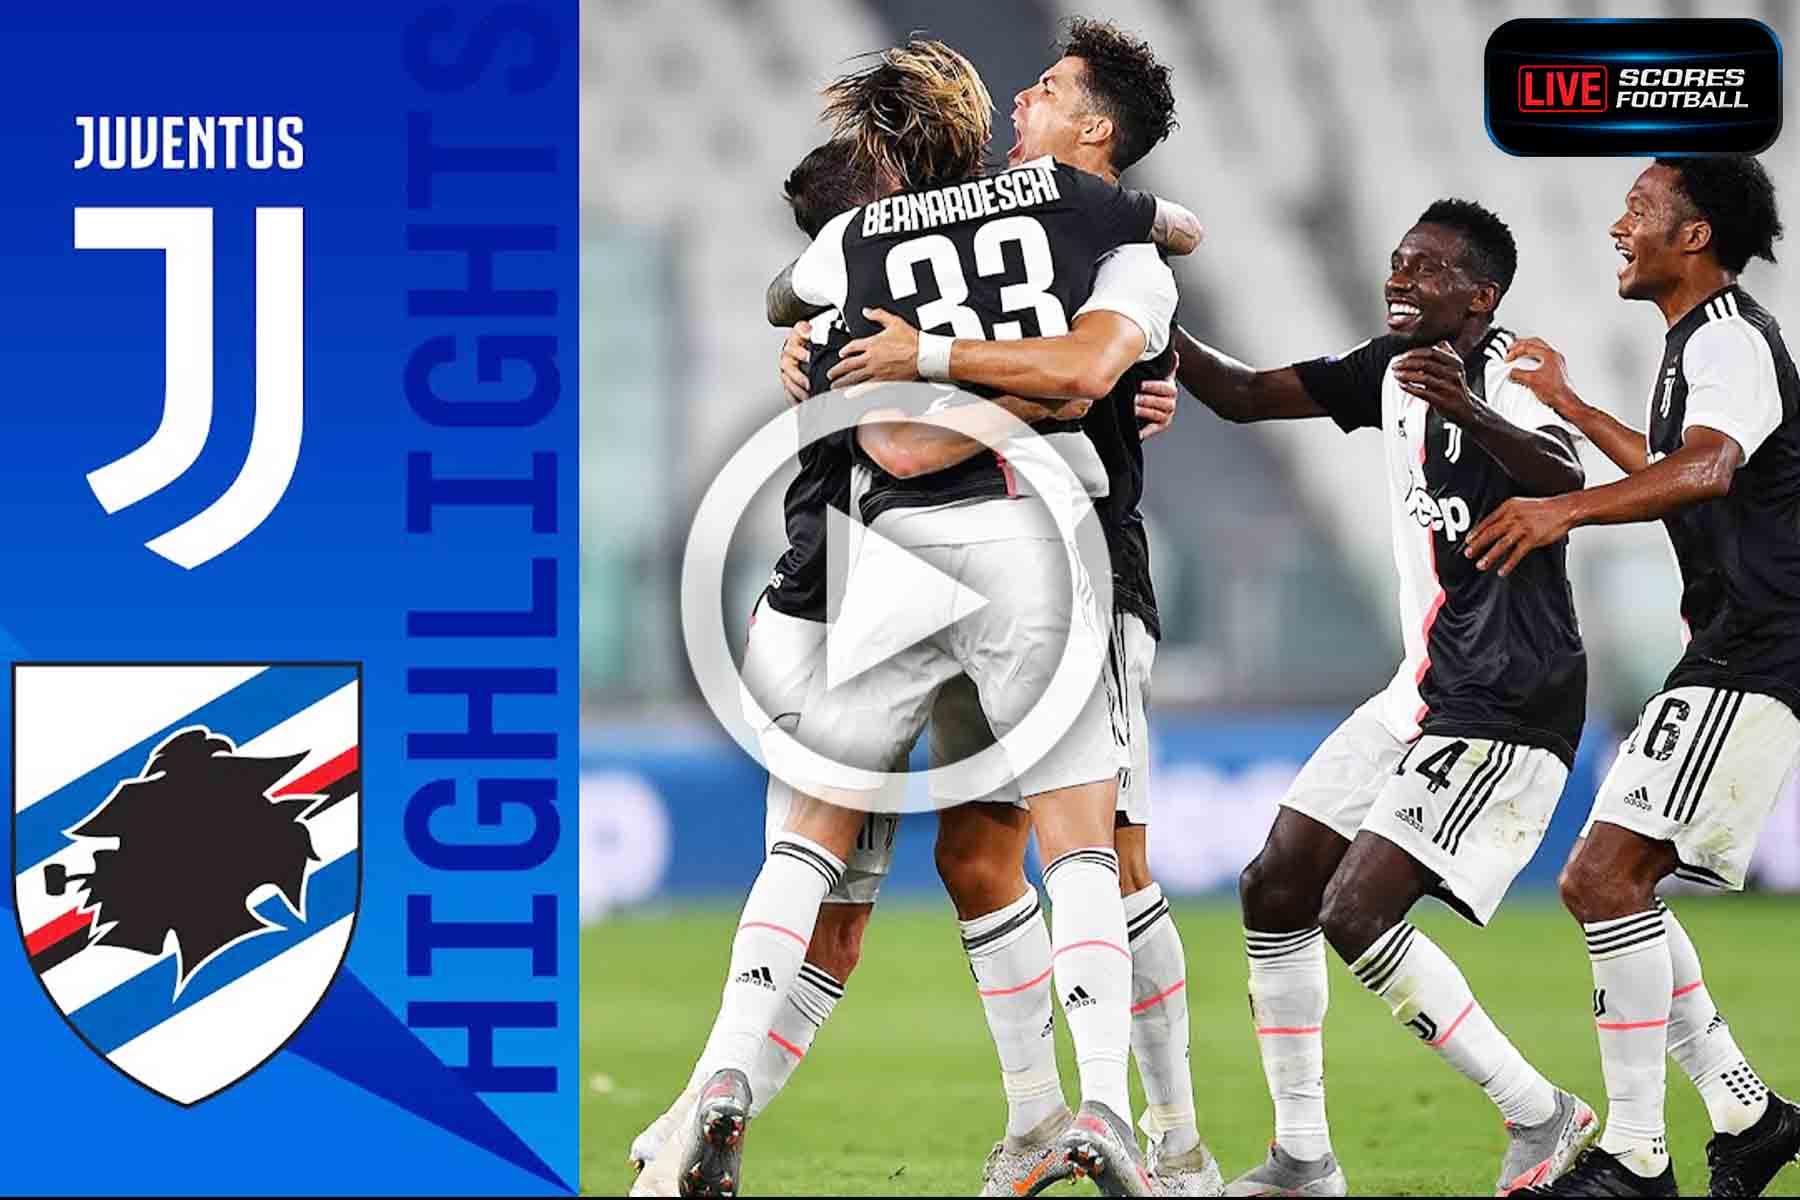 ไฮไลท์คู่เด็ด รวมลีกดังยุโรป(กัลโช่ ซีรีย์ อา)อิตาลี ยูเวนตุส 2-0 ซามพ์โดเรีย วันที่ 27-7-2020